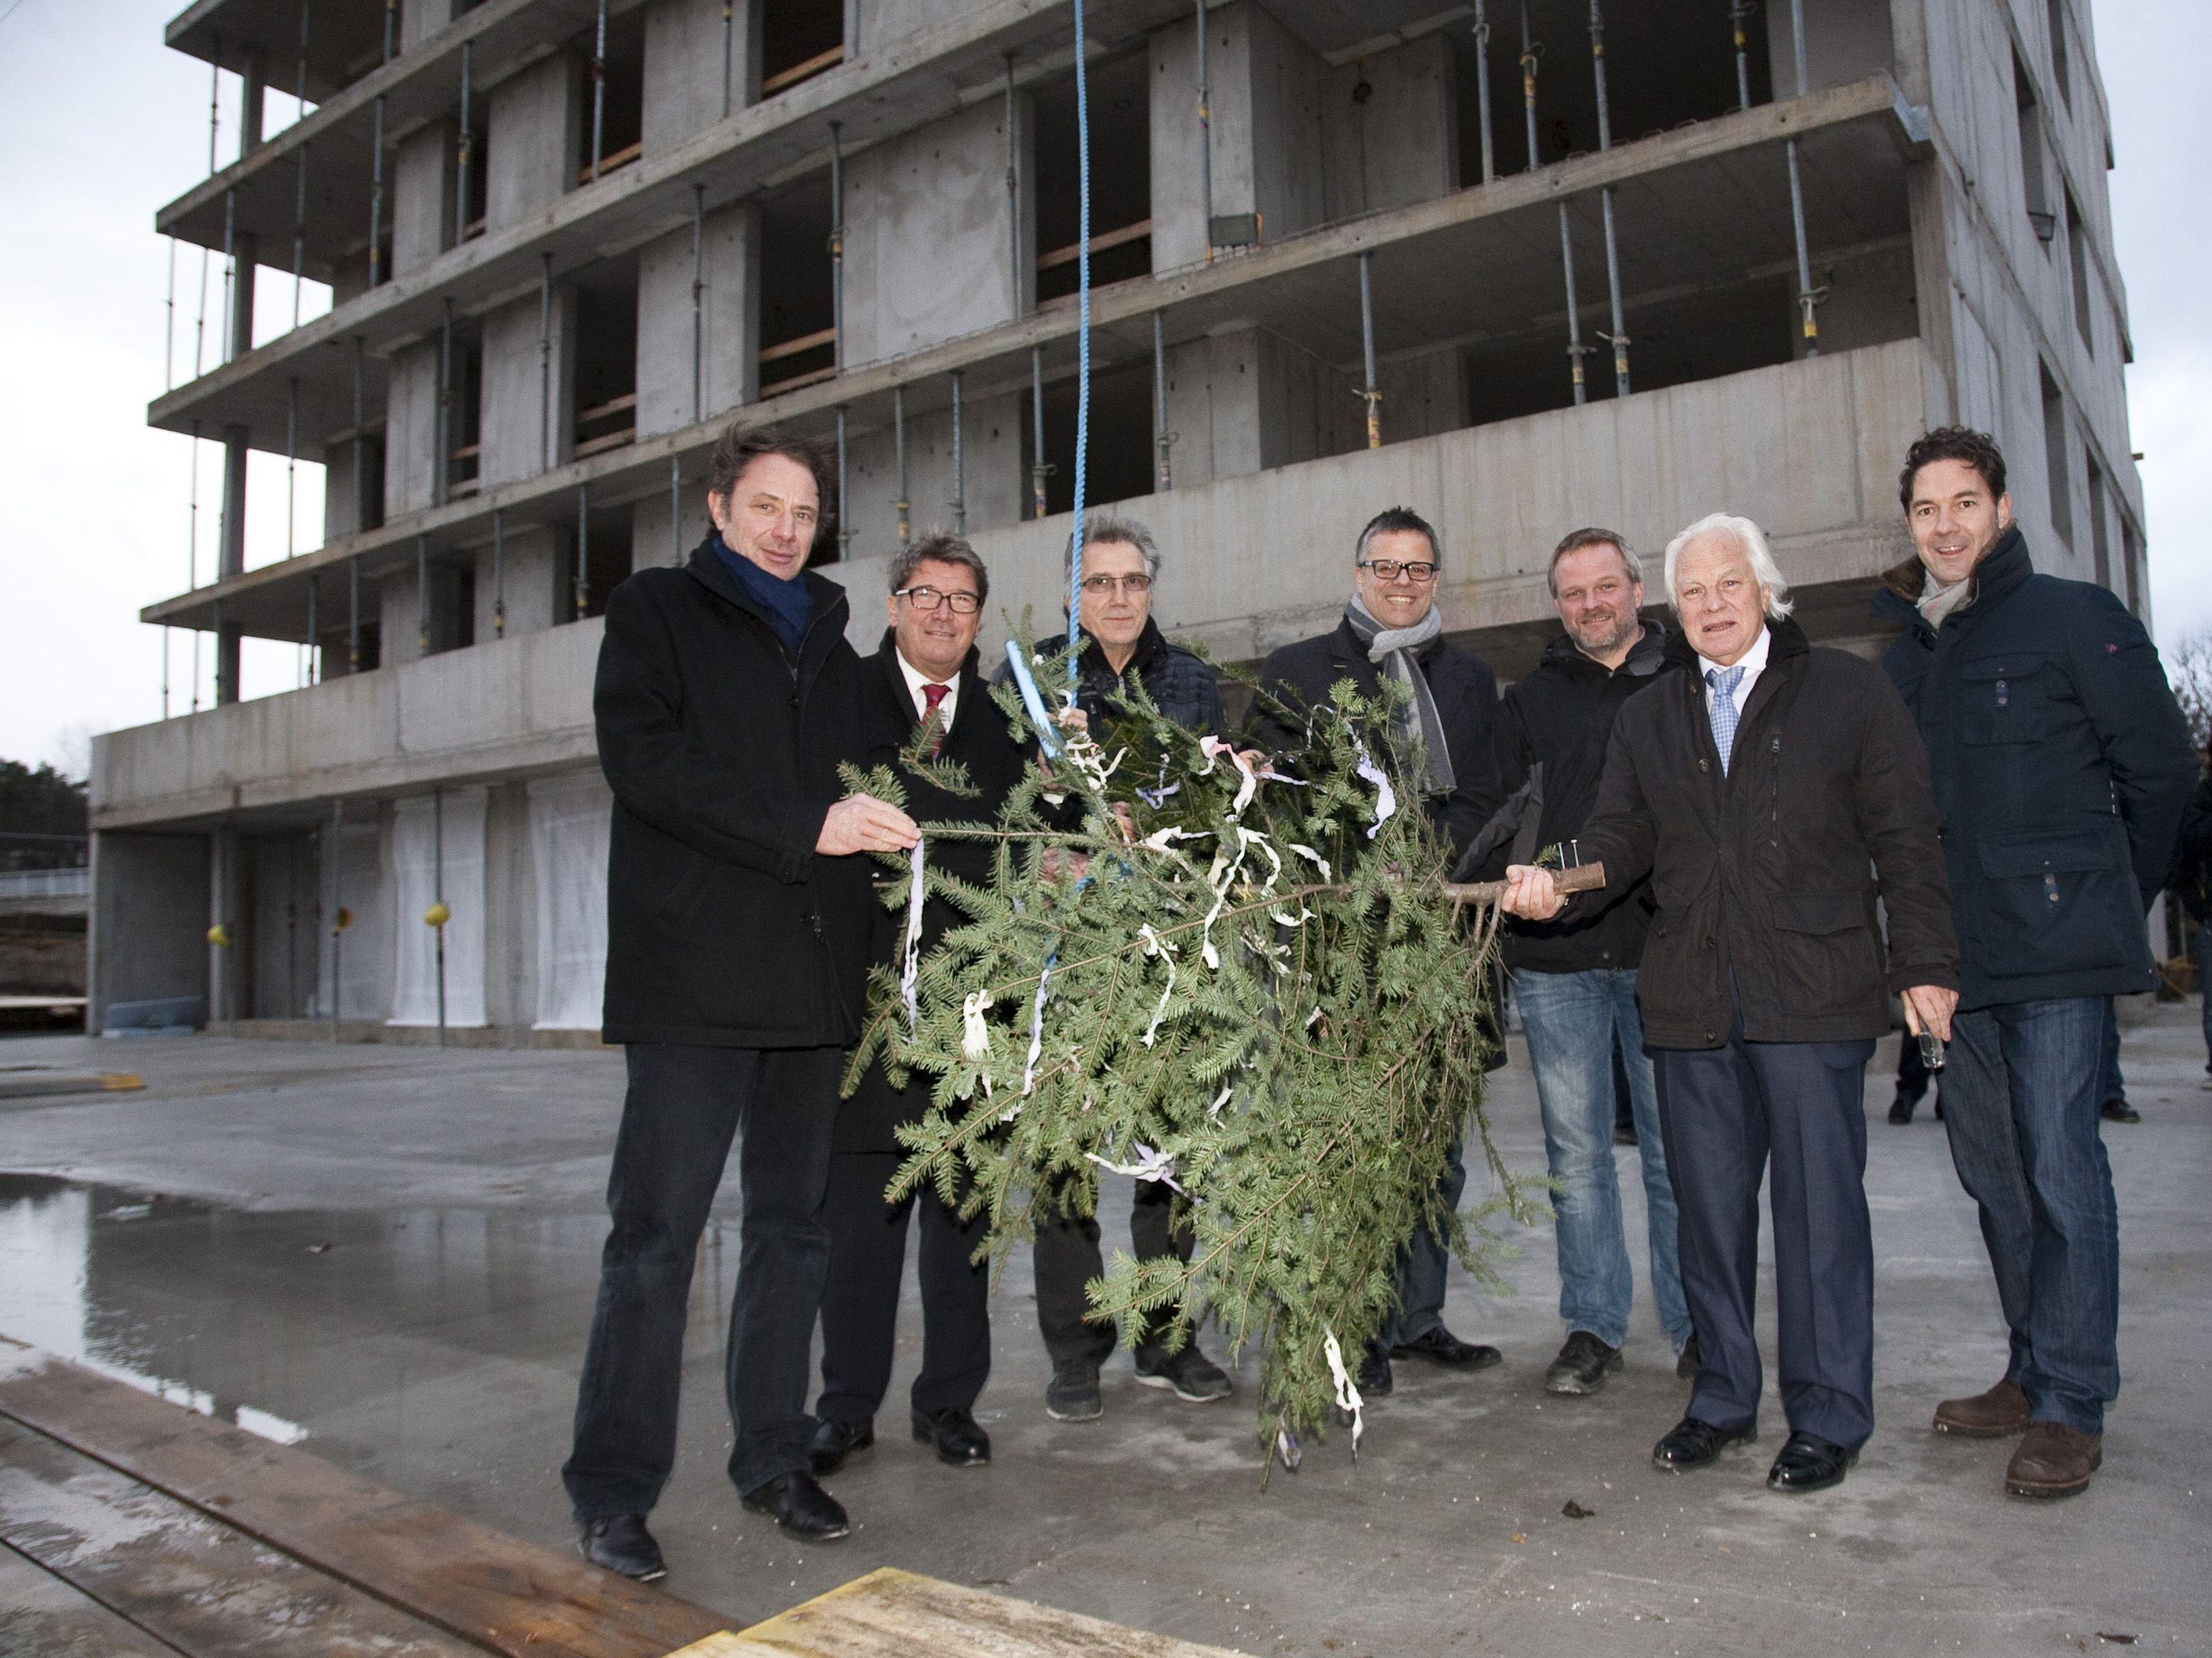 Feierten einen weiteren erfolgreichen Bauabschnitt: (von links) Architekt Christian Matt, Wilhelm Muzyczyn (Alpenländische Heimstätte), Hans Schiller (Wohnbauselbsthilfe), Roland Frühstück (ÖVP Klubobmann), Hansjörg Österle (Vogewosi), Günter Schertler und Alexander Stuchly von i + R Schertler-Alge.